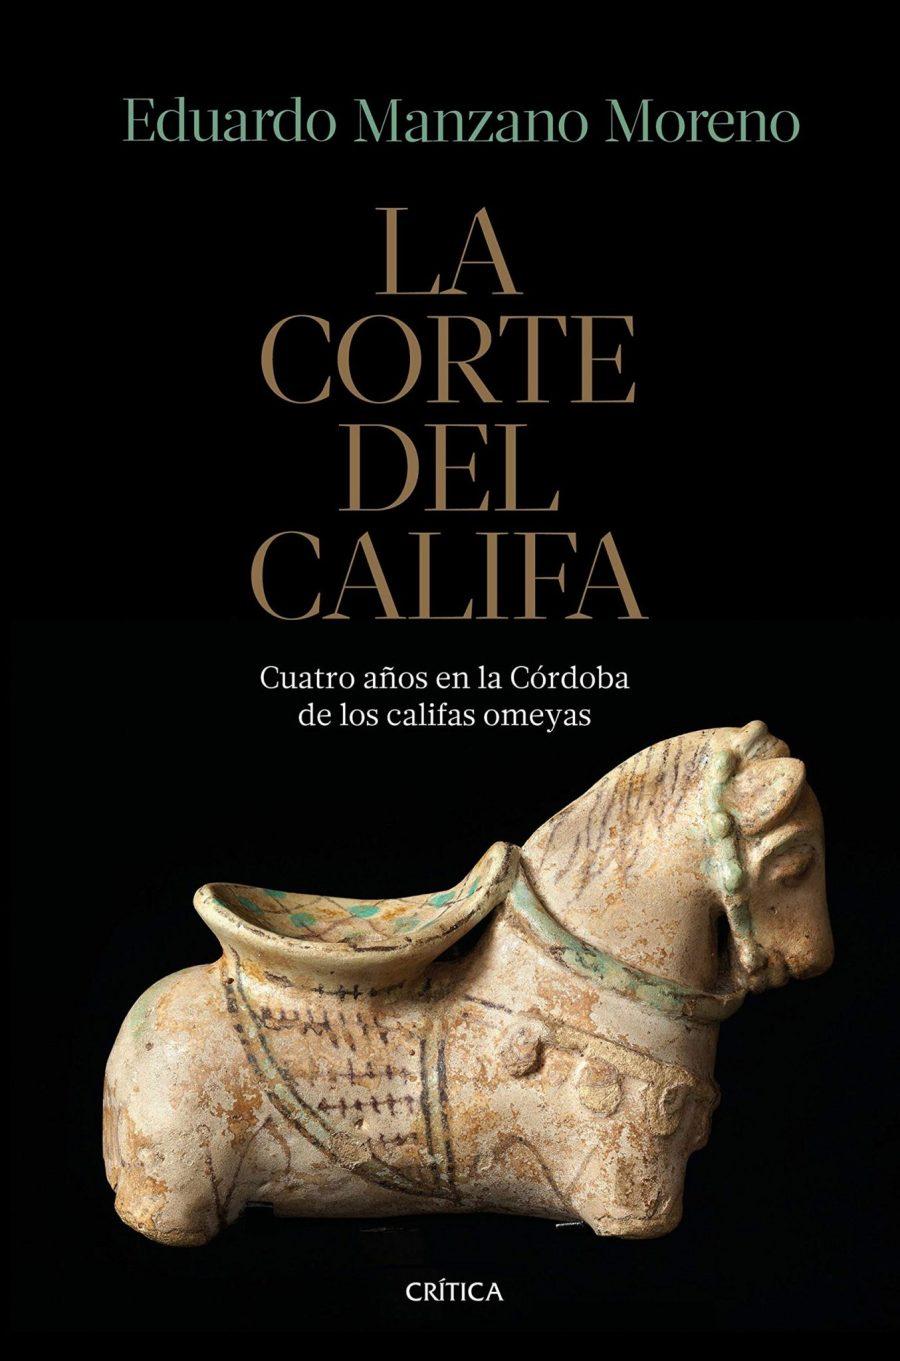 La corte del califa Book Cover